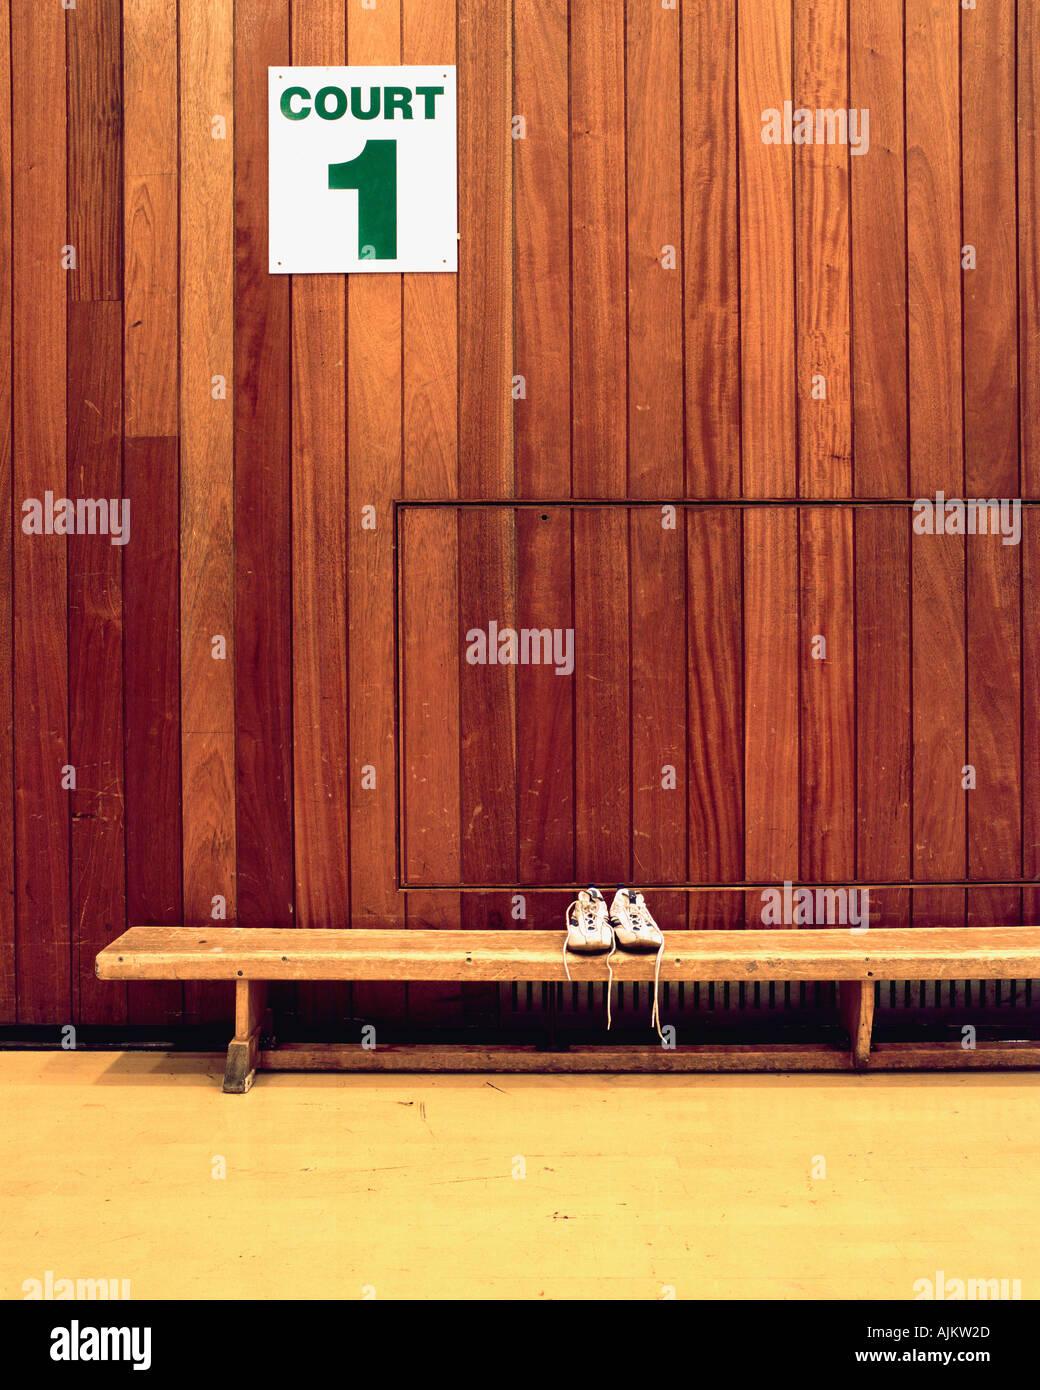 Los instructores en la cancha deportiva Imagen De Stock